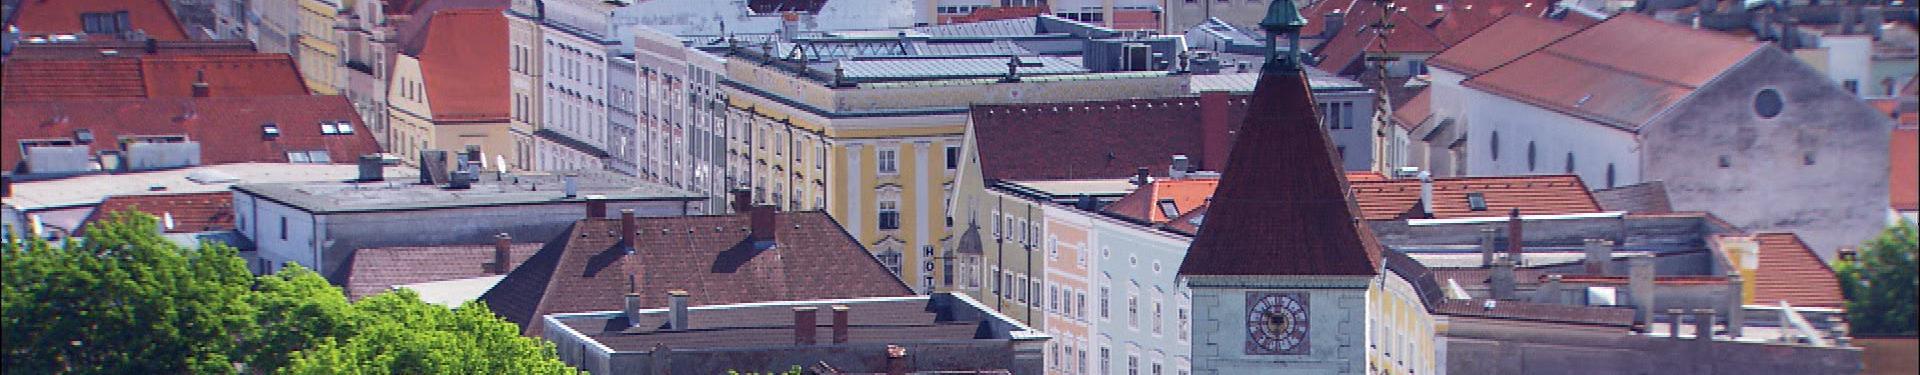 Stadtplatz Überblick mit Ledererturm